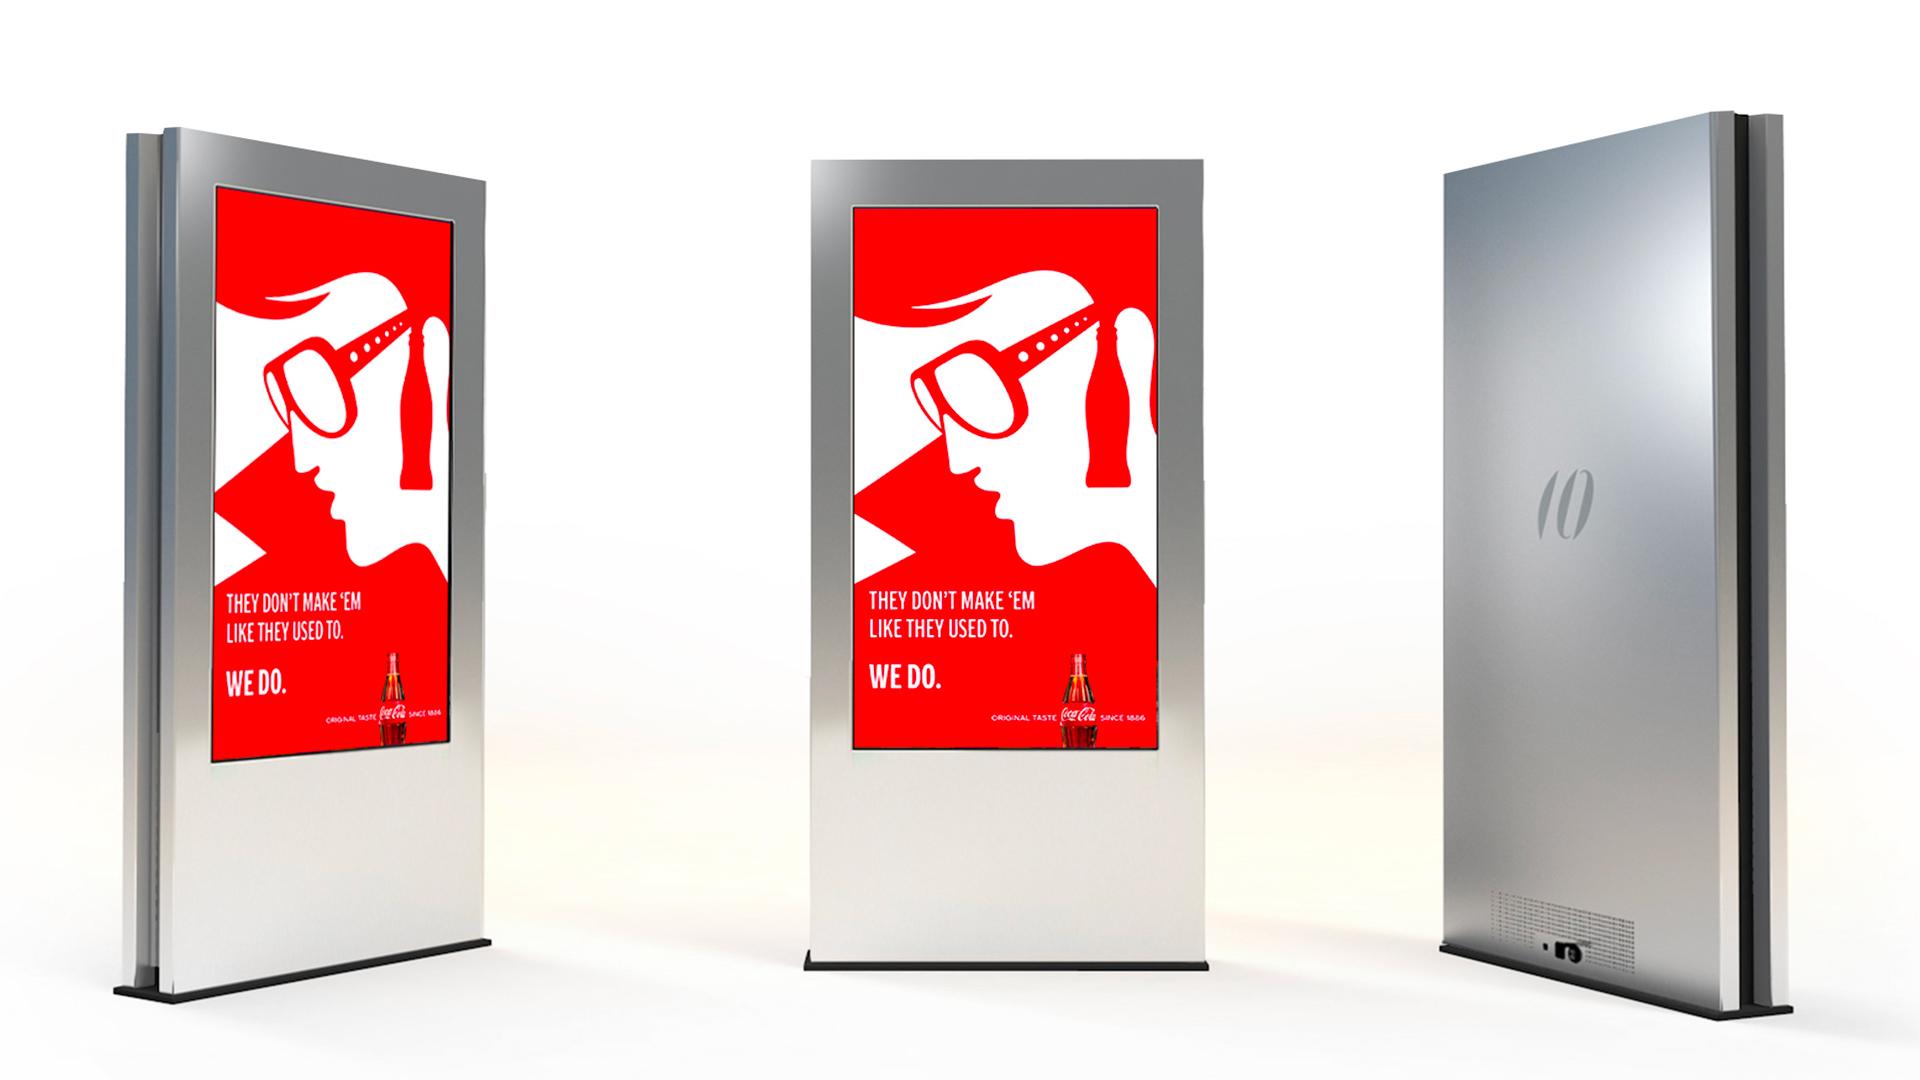 Totem pubblicitario outdoor 75 pollici LCD per esterni formato MUPI smartcity